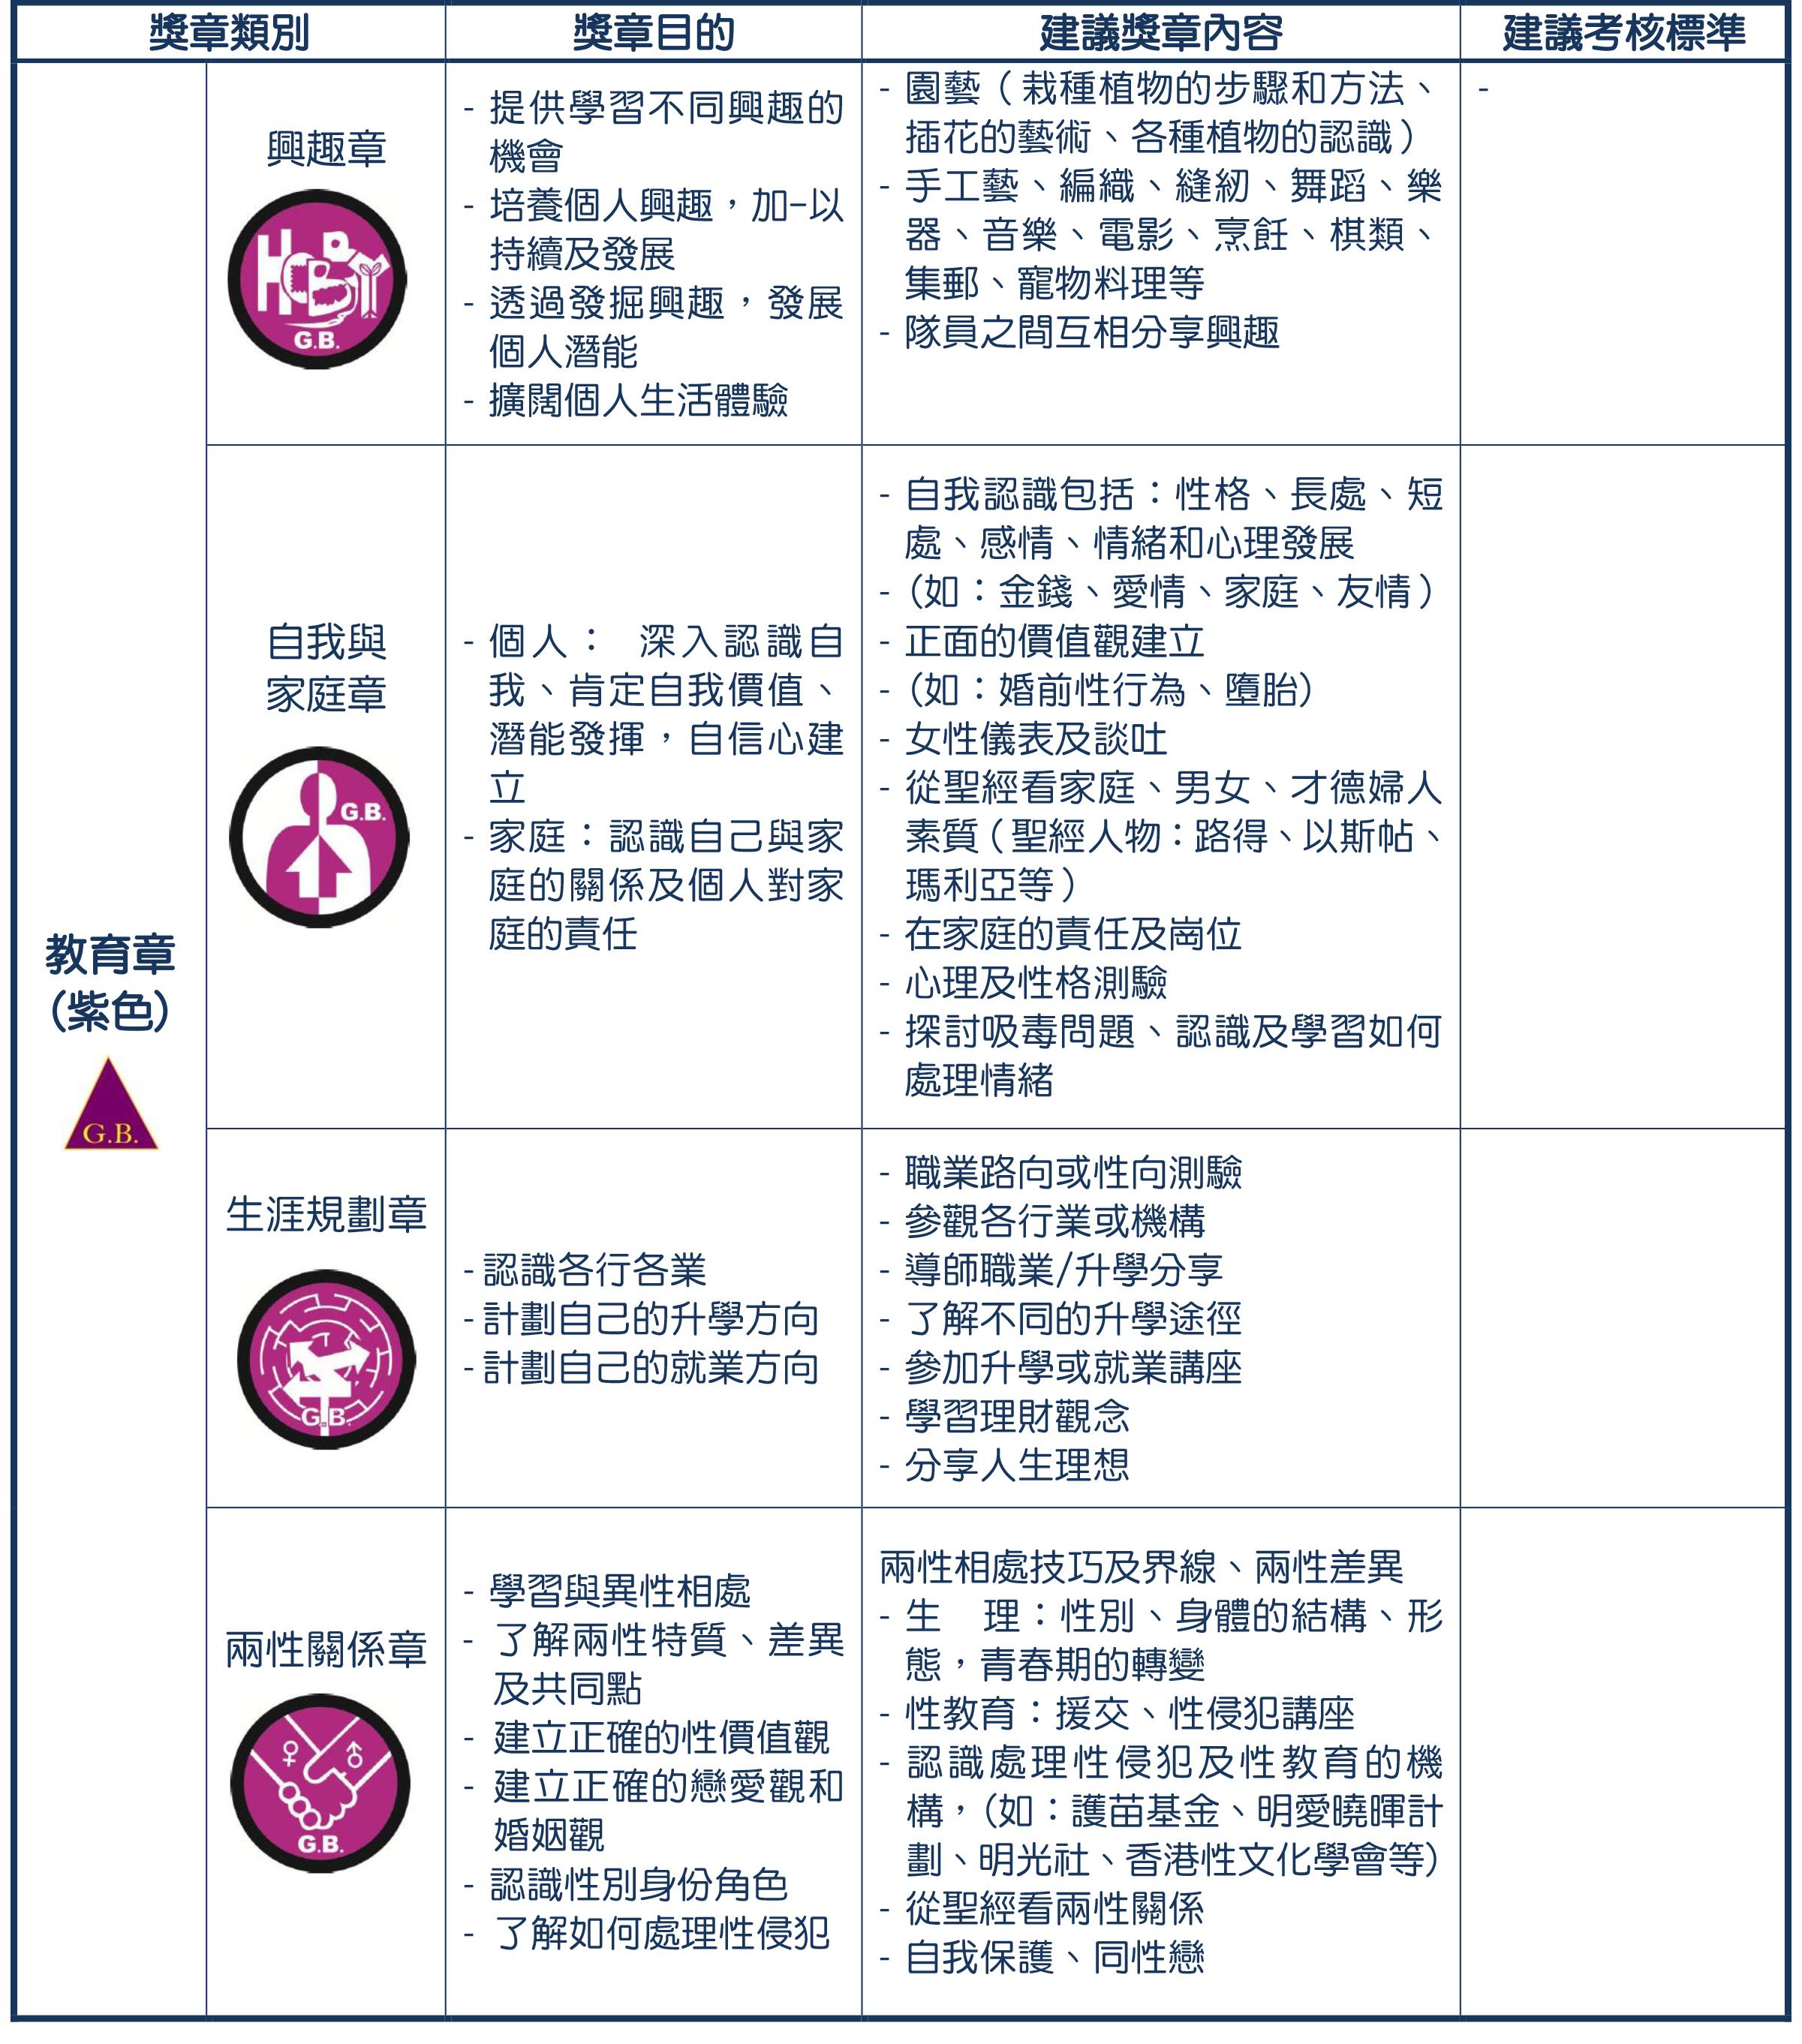 6- 獎章制度-深資組紫(revised 2020829)